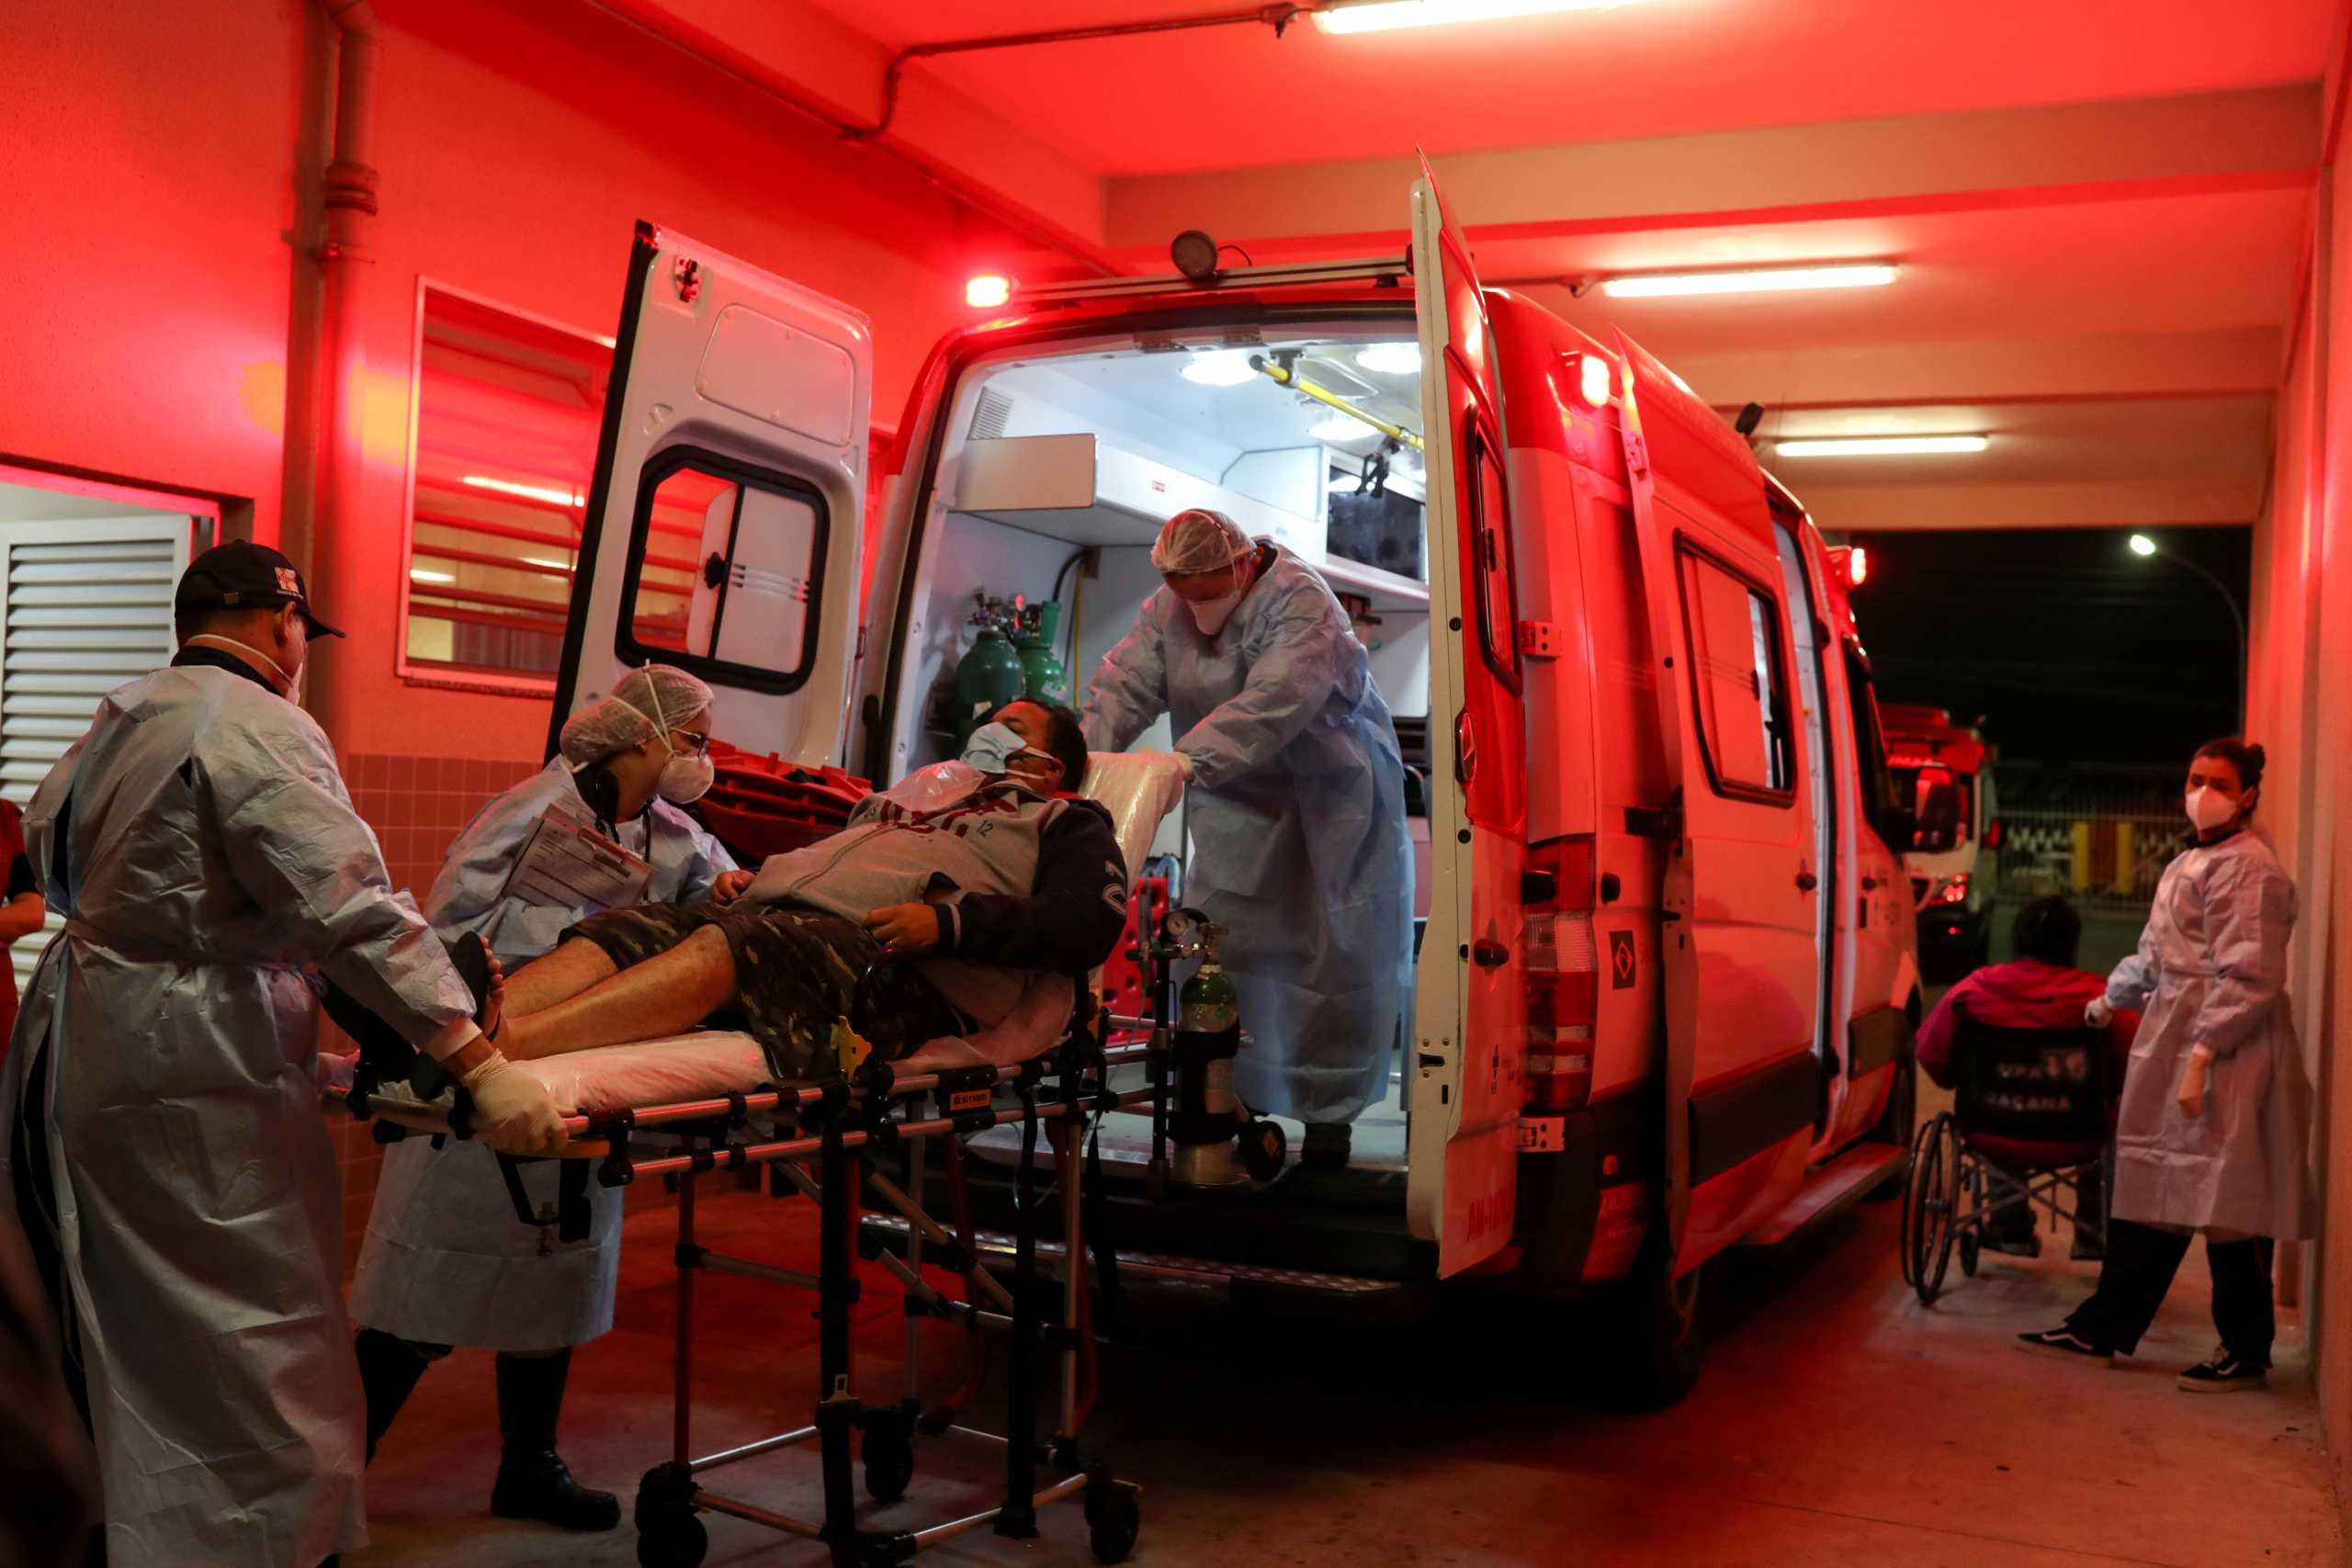 Σαρωτικός ο κορονοϊός στη Βραζιλία – Καθυστερούν κι άλλο οι εμβολιασμοί